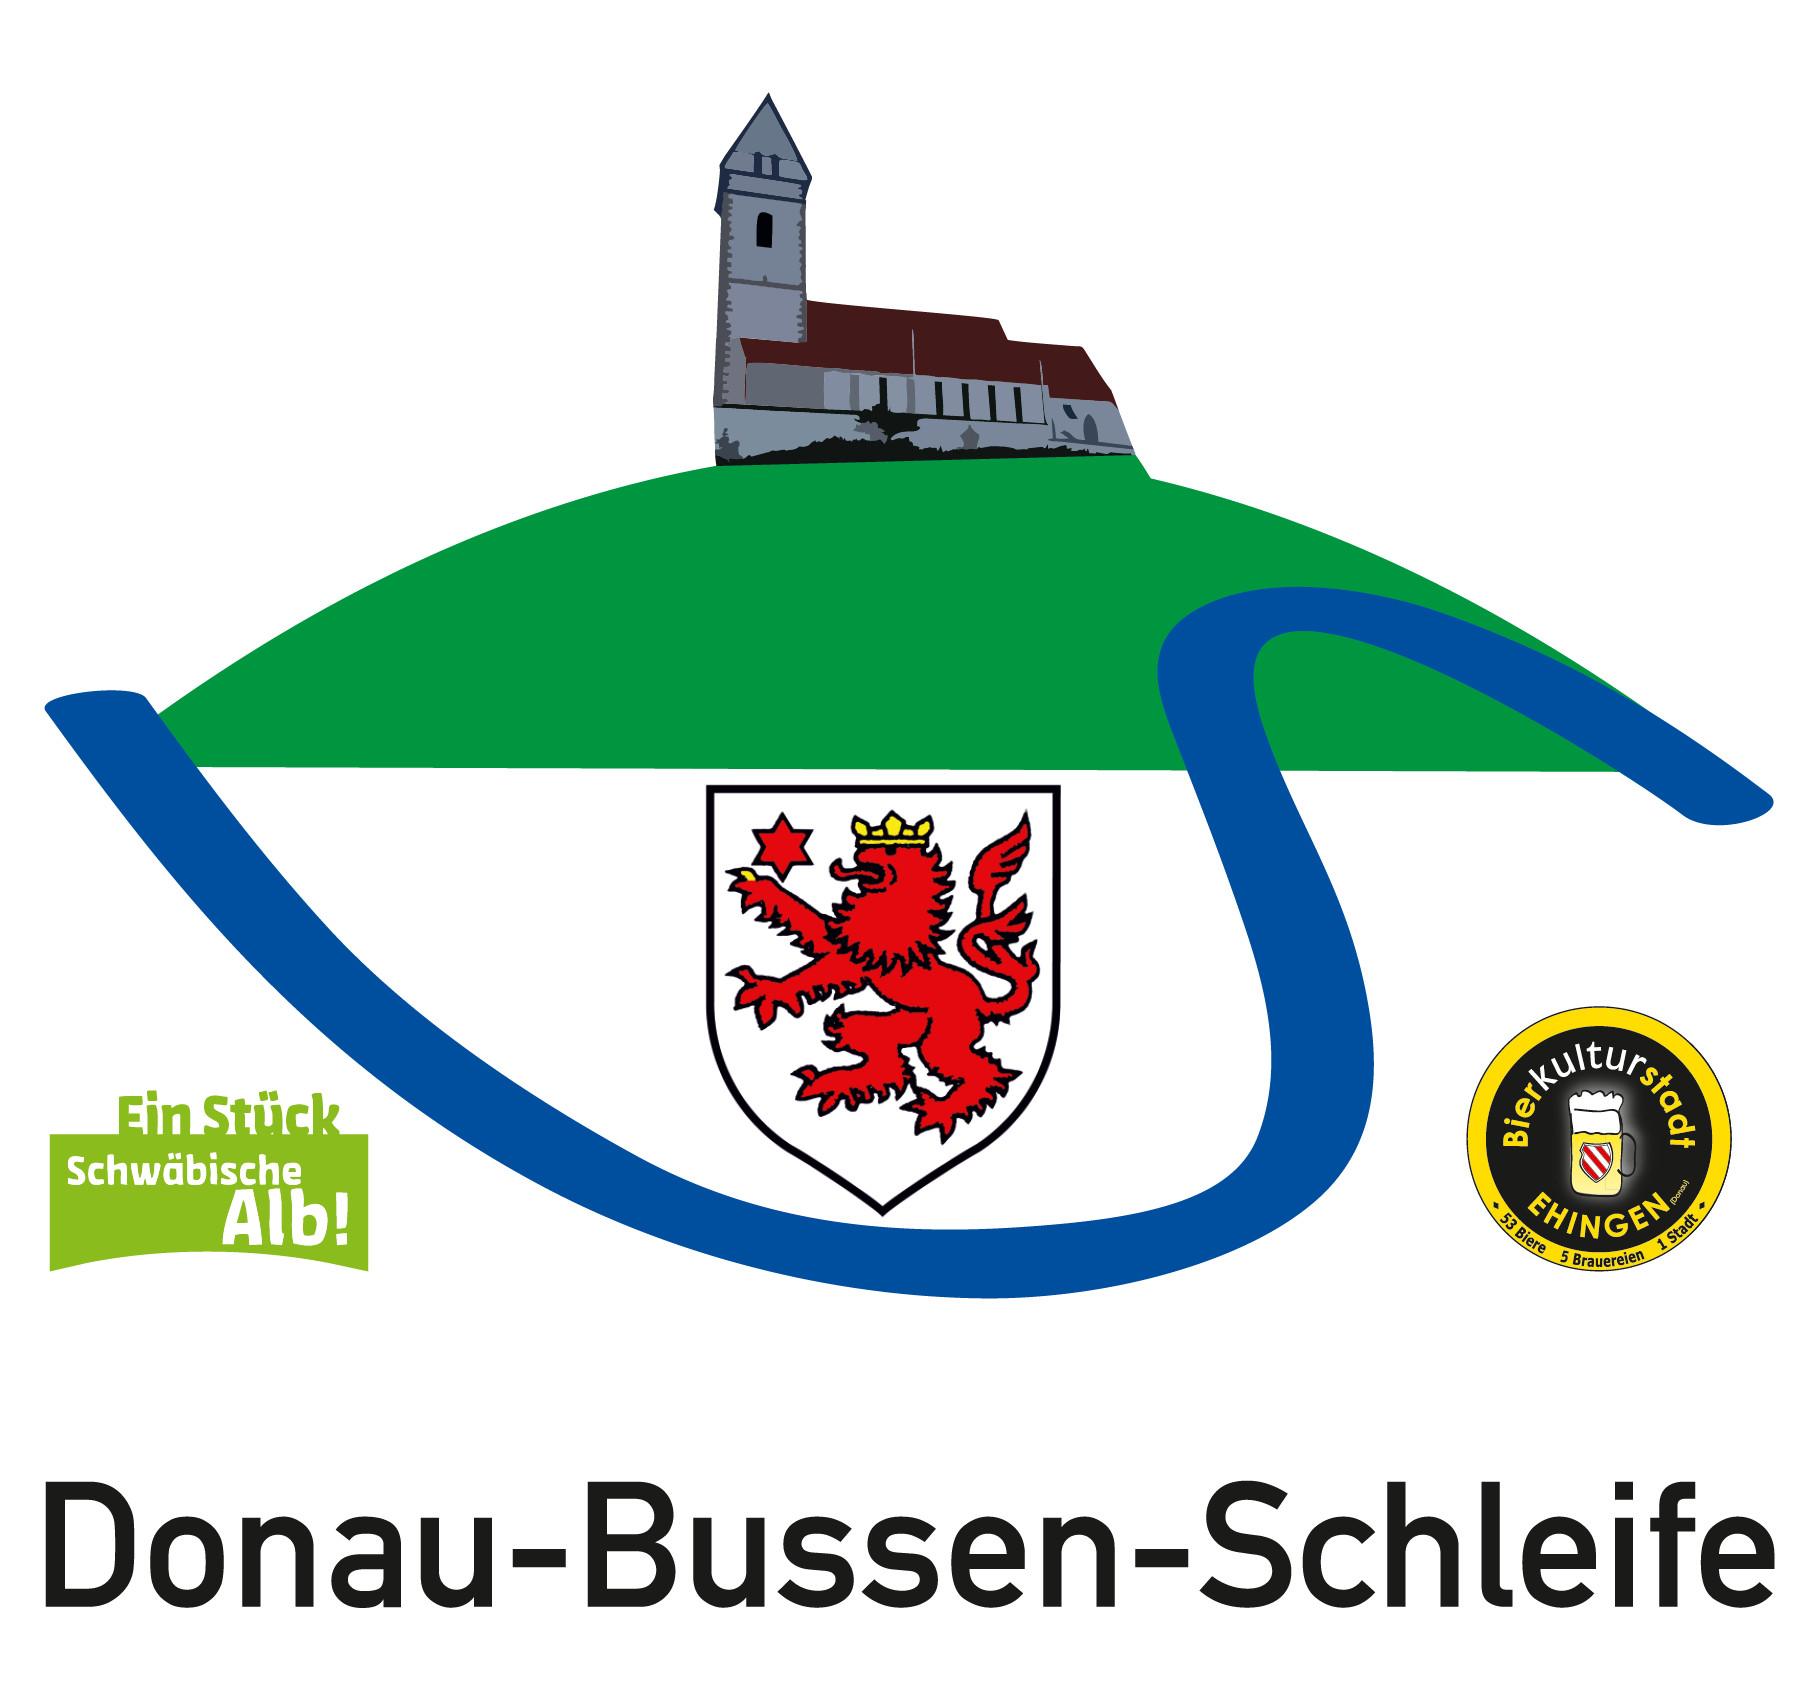 Logo der Donau-Bussen-Schleife